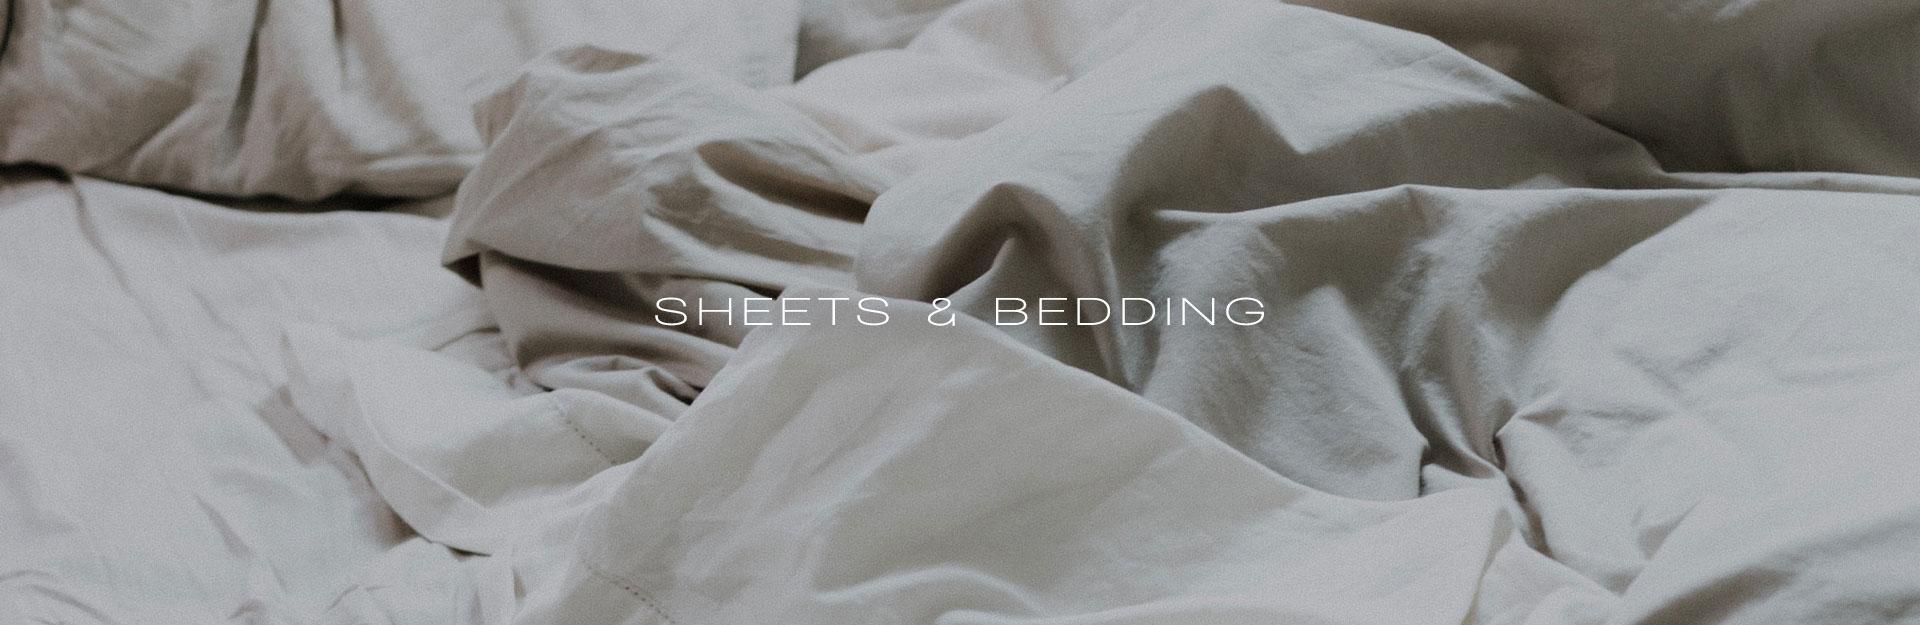 abh-sheets.jpg